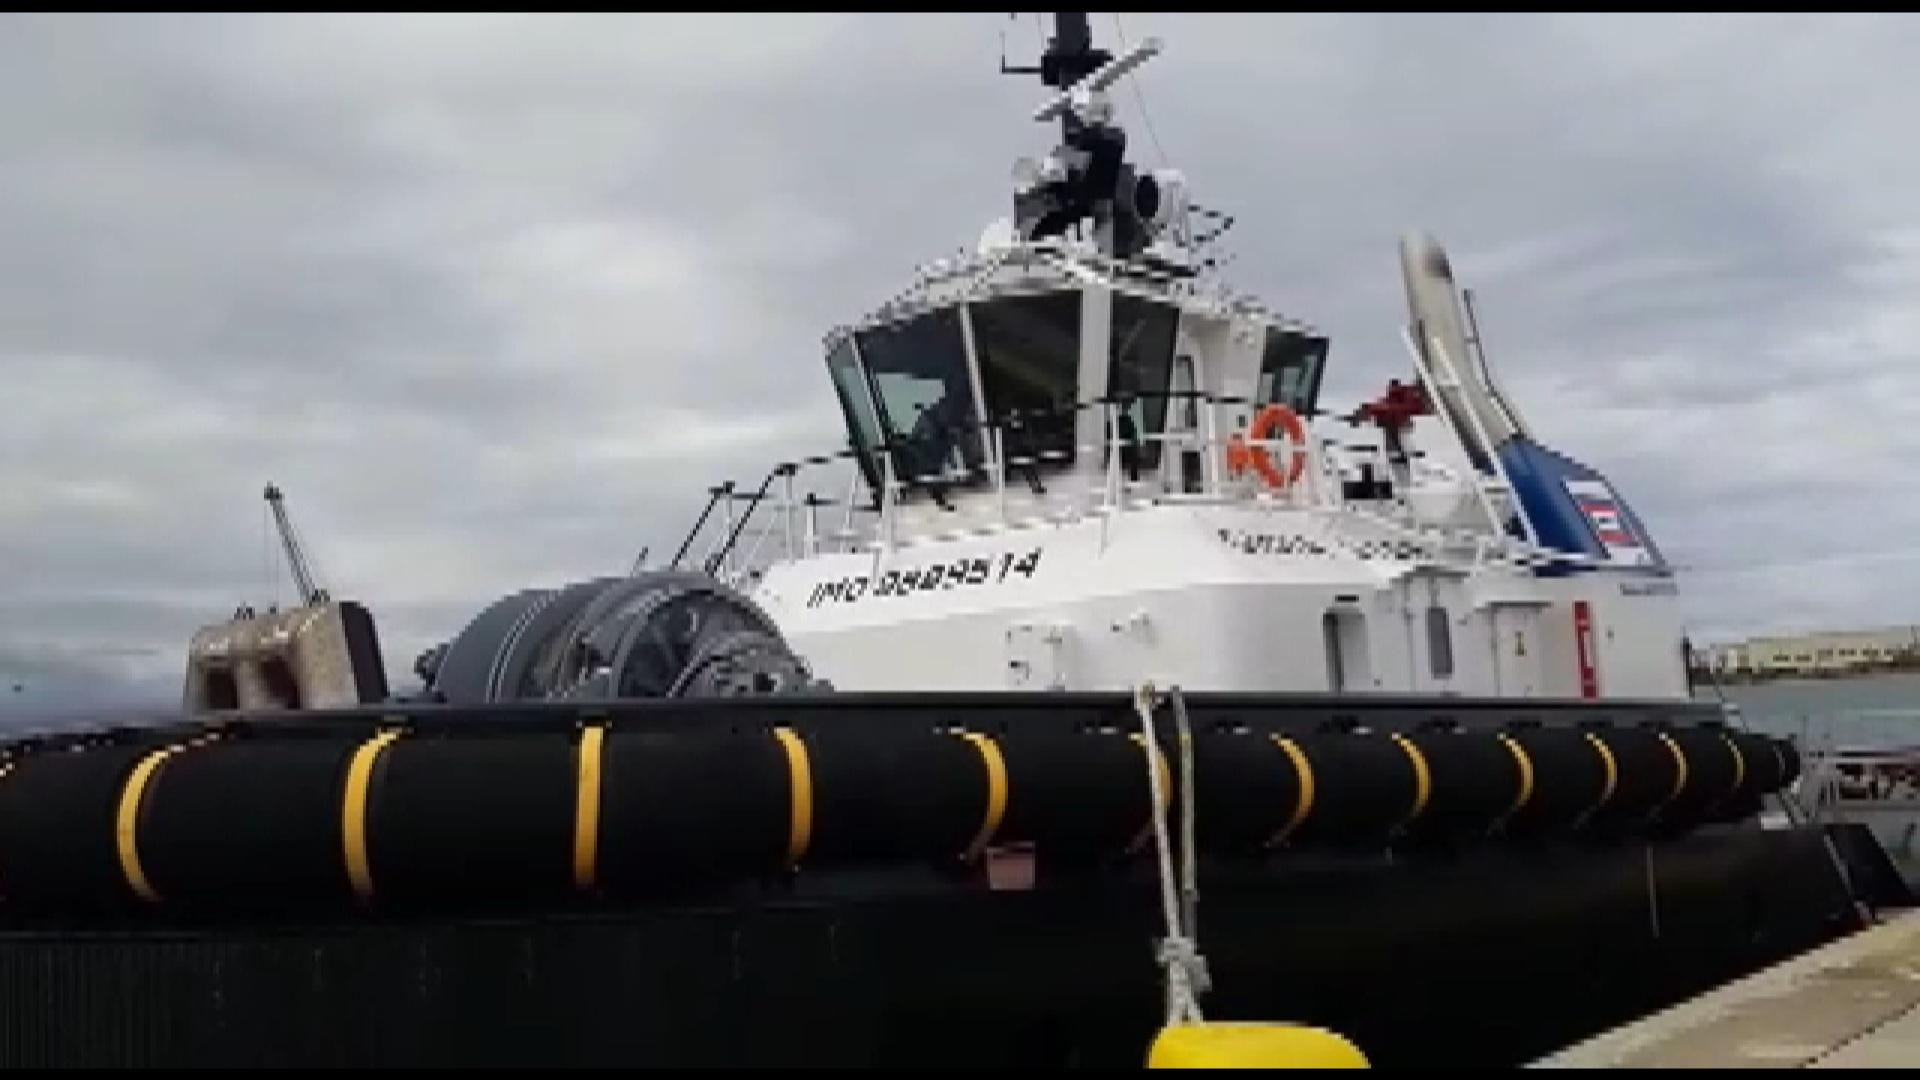 Porto di Gioia Tauro, per il varo del nuovo rimorchiatore arriverà la ministra De Micheli